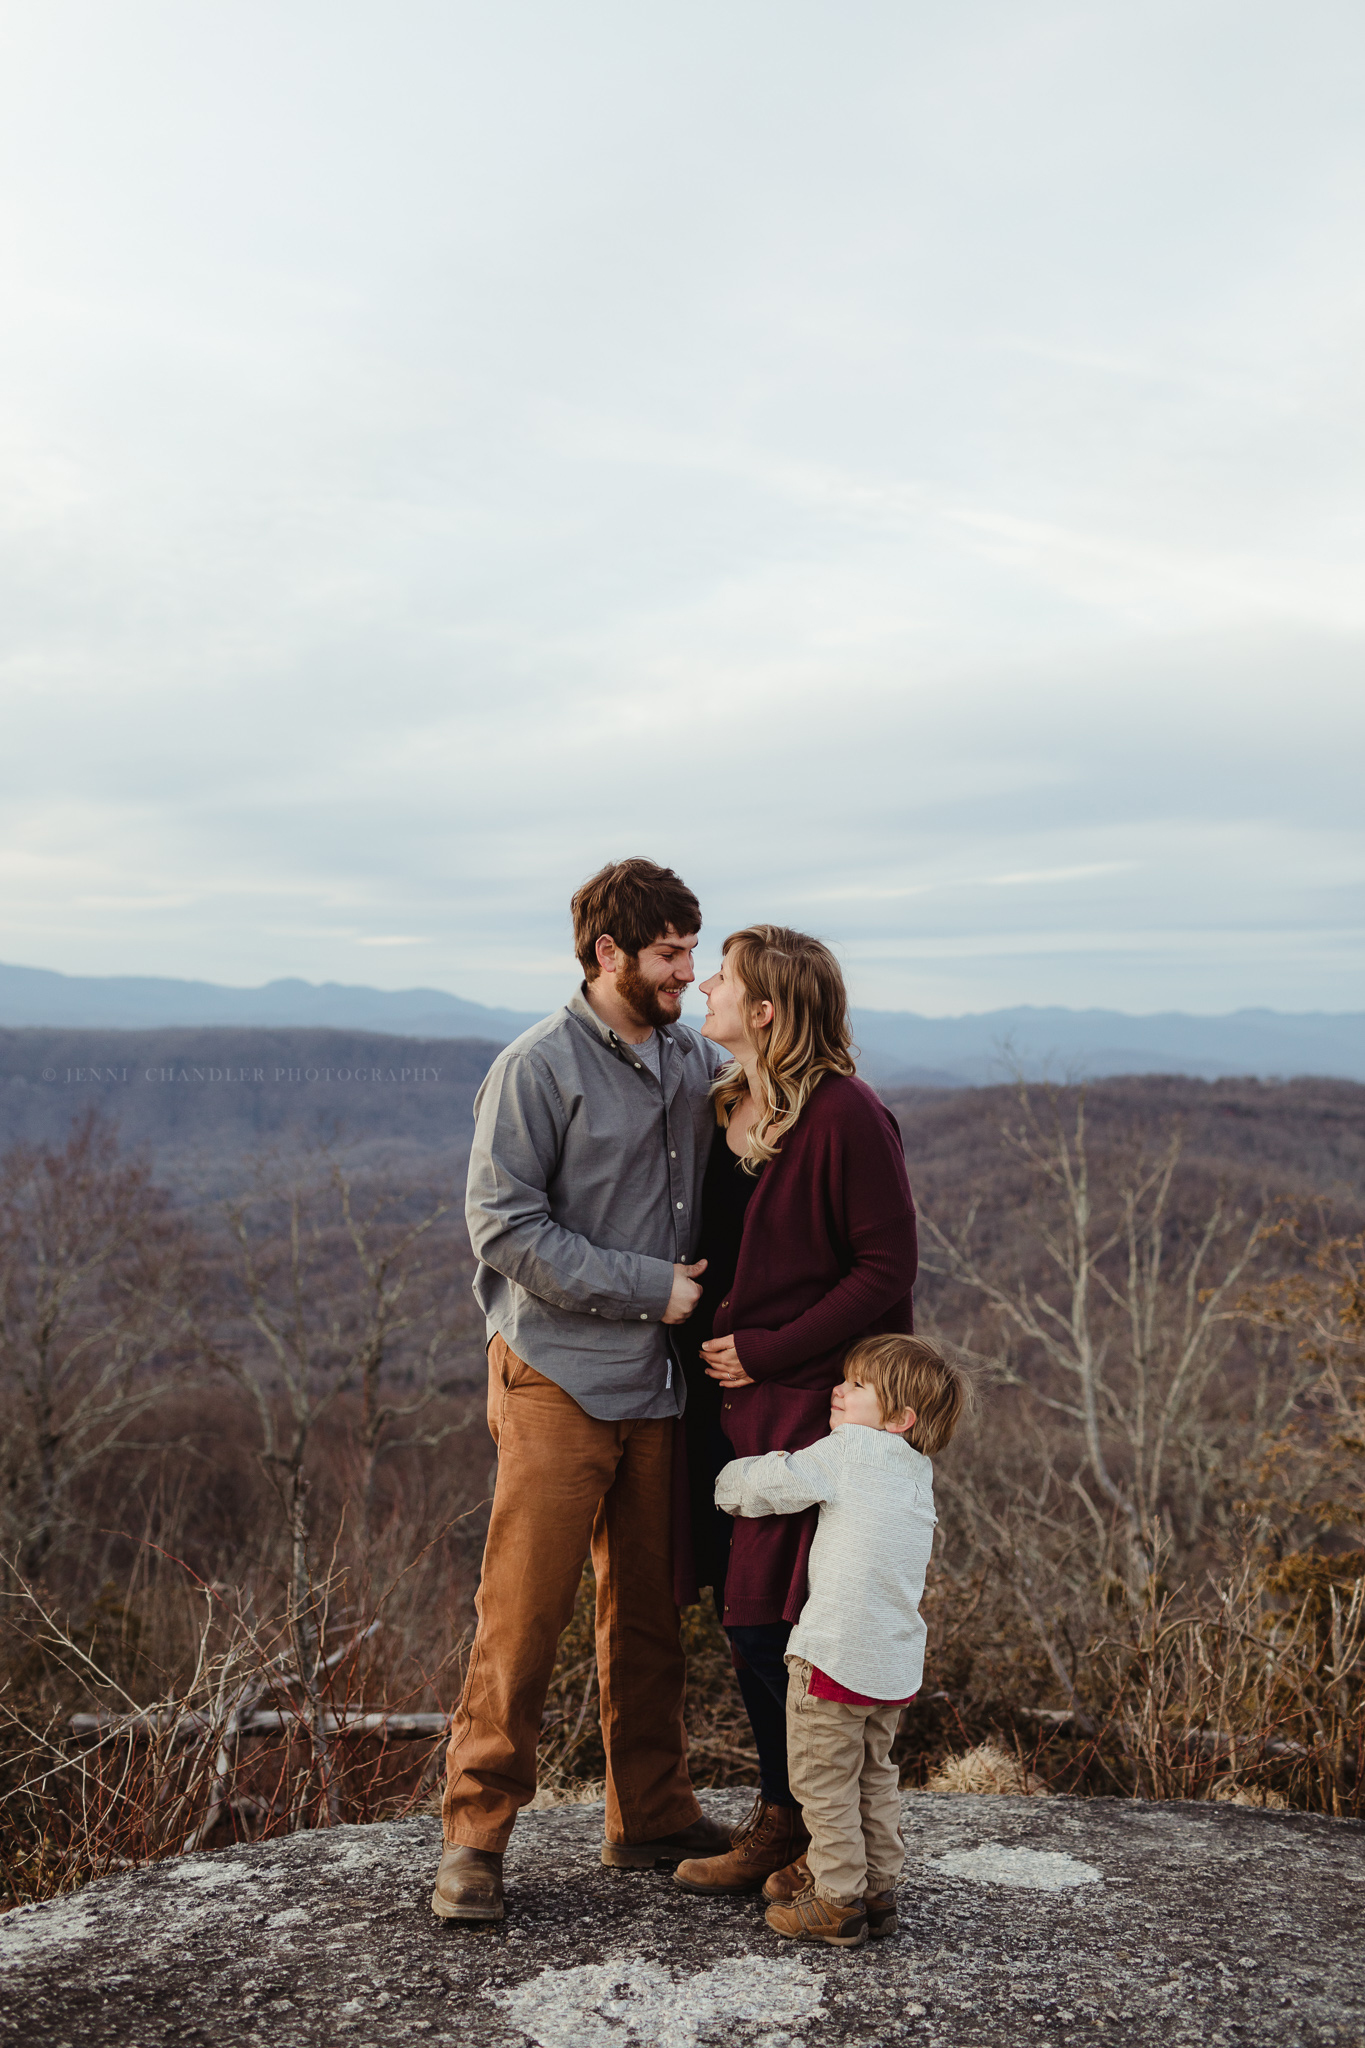 jennichandlerphotography_brevardnc_andimaternityfamily_WEB-38.jpg